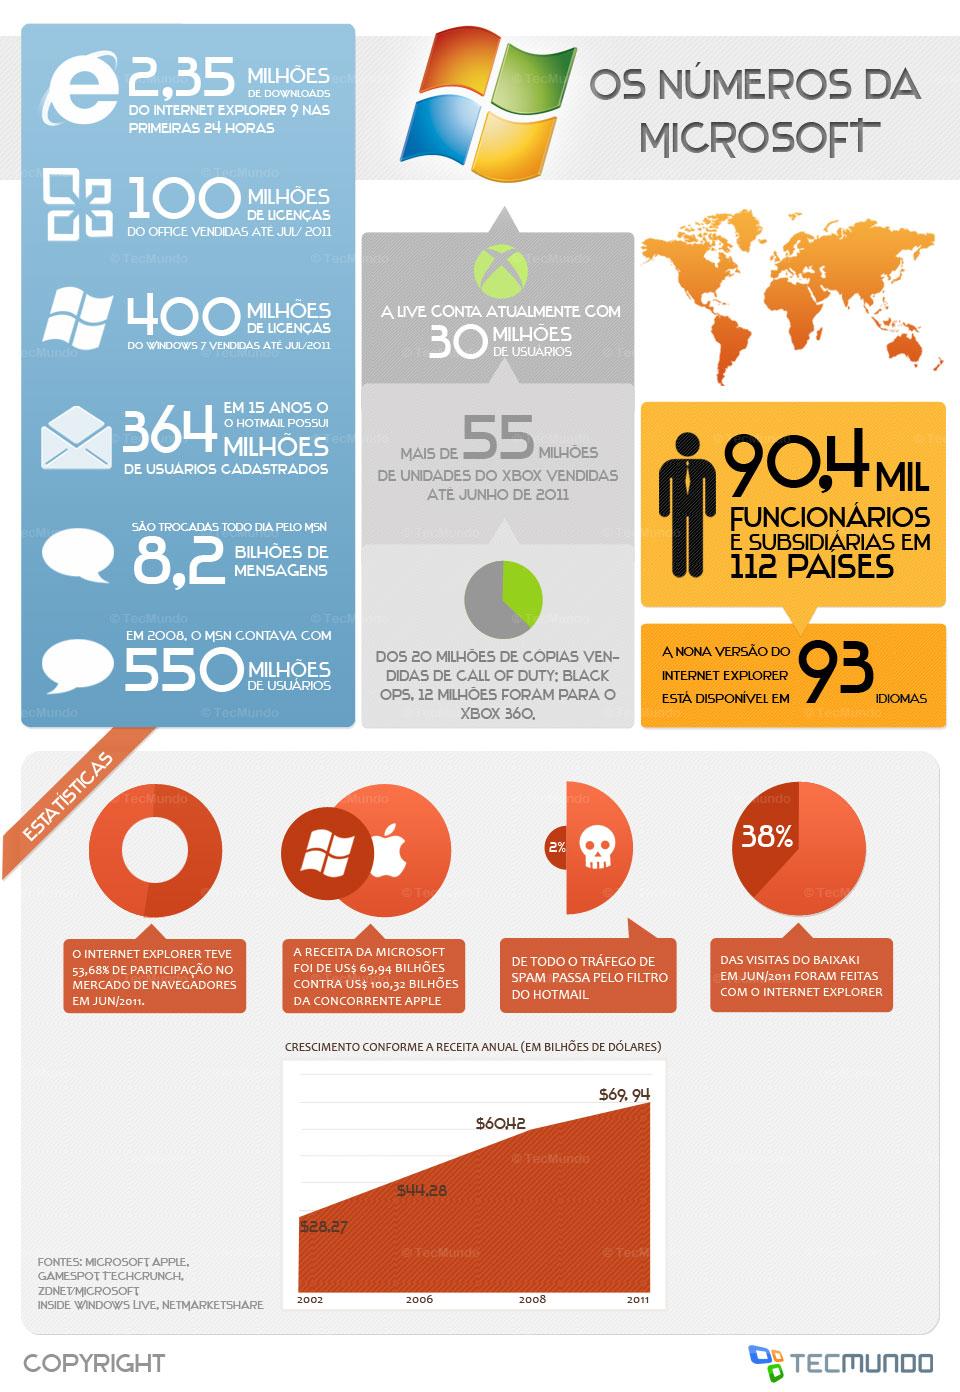 Microsoft: gigante também em números